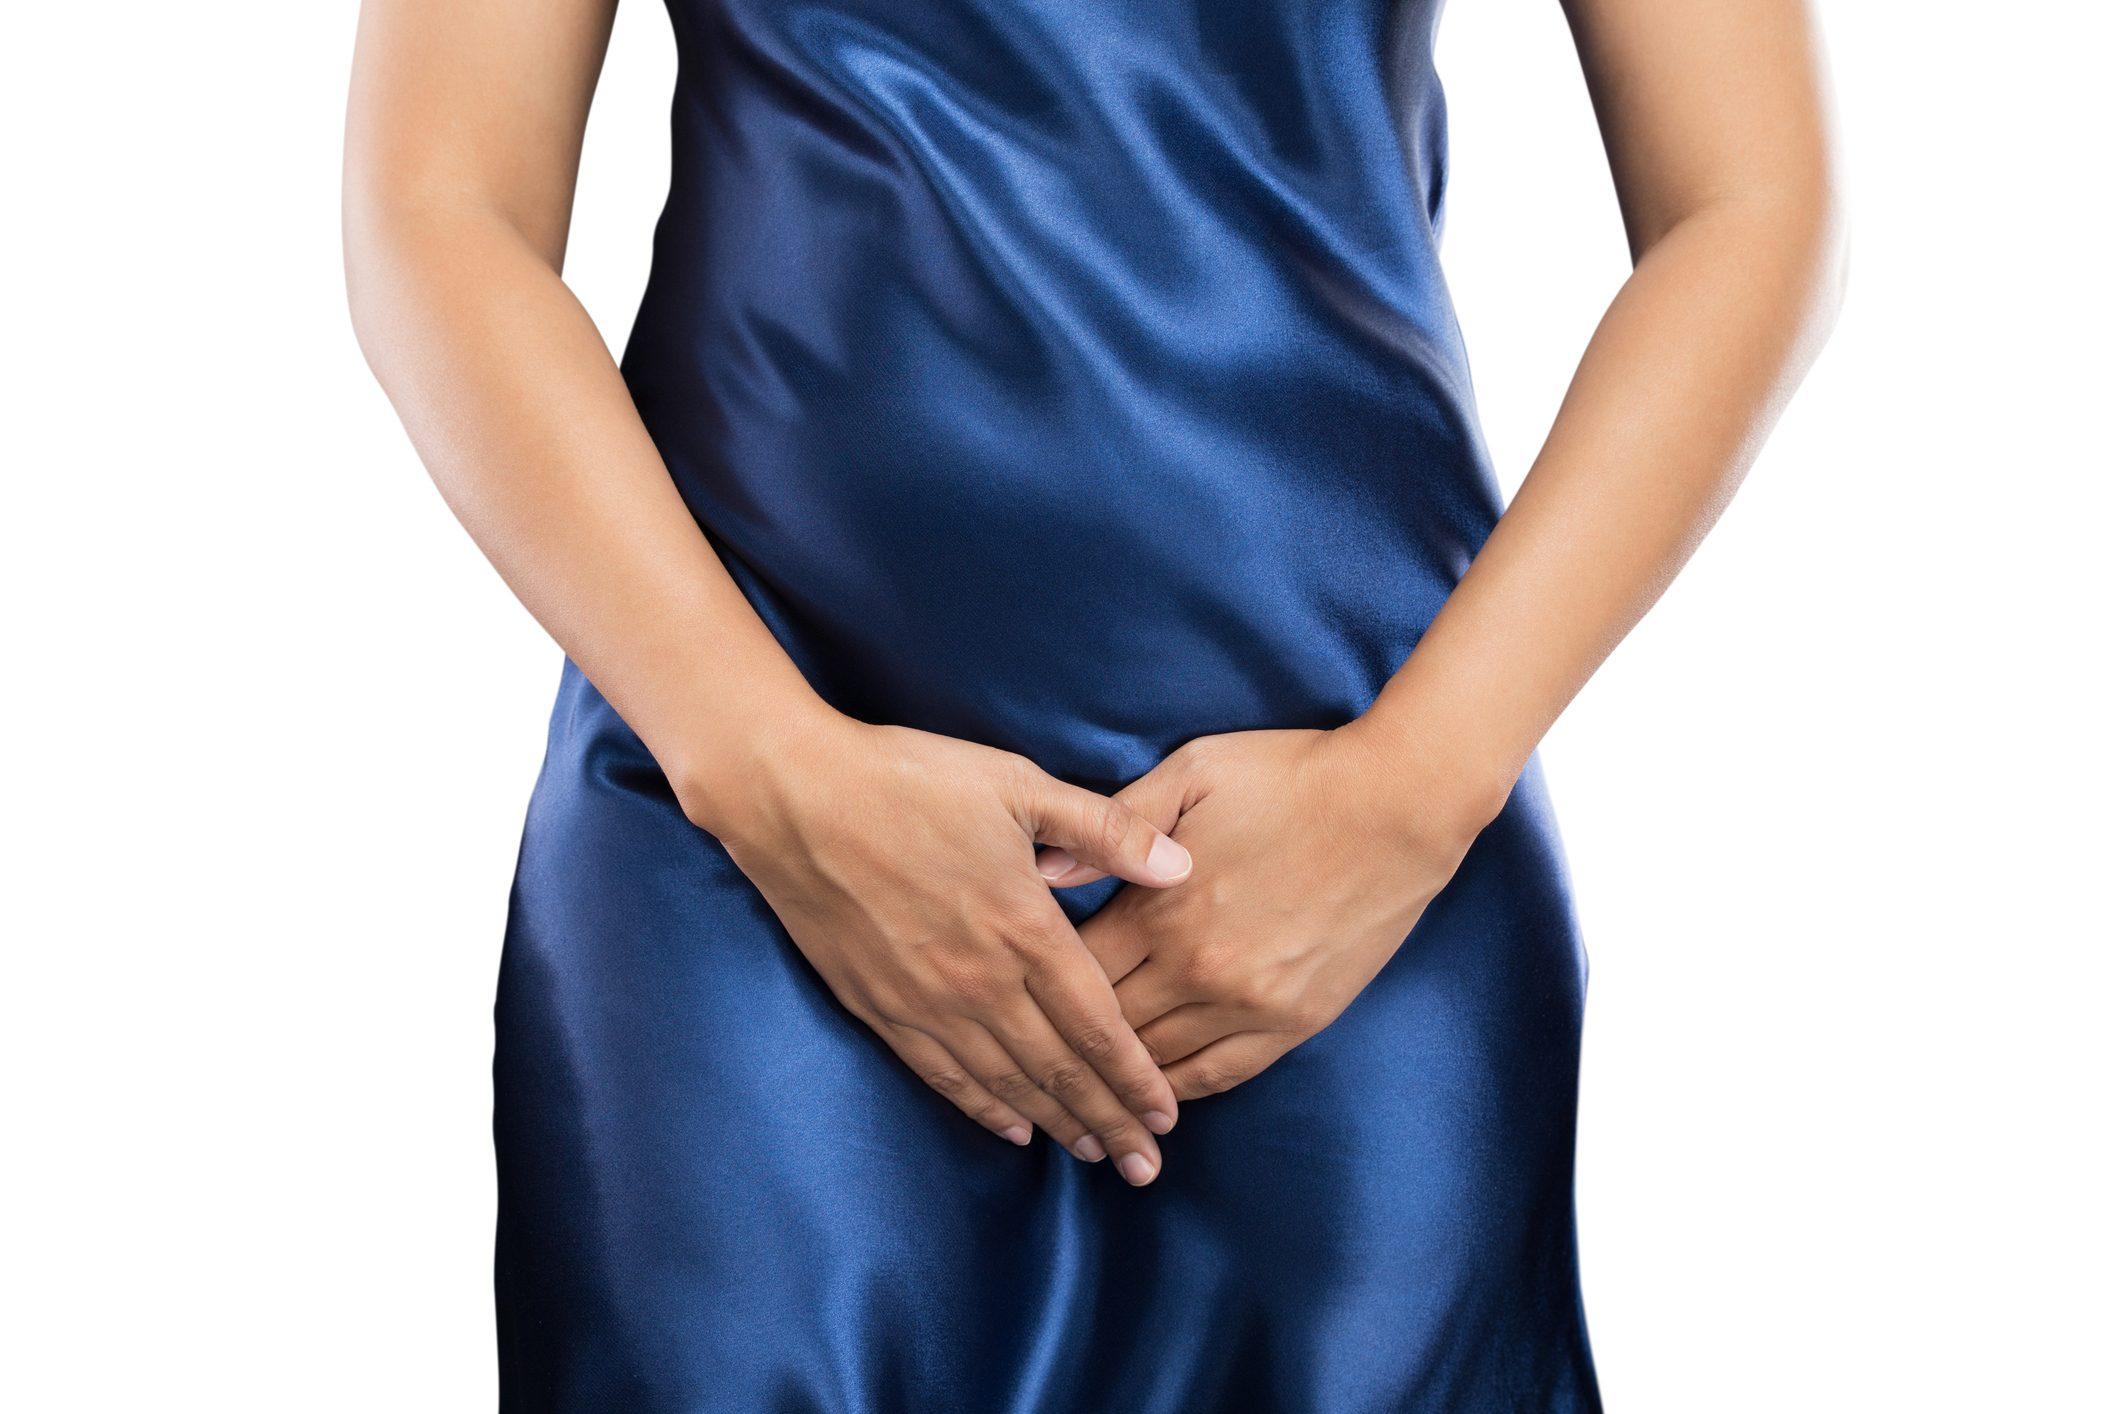 5 самых «странных» признаков диабета по мнению медиков